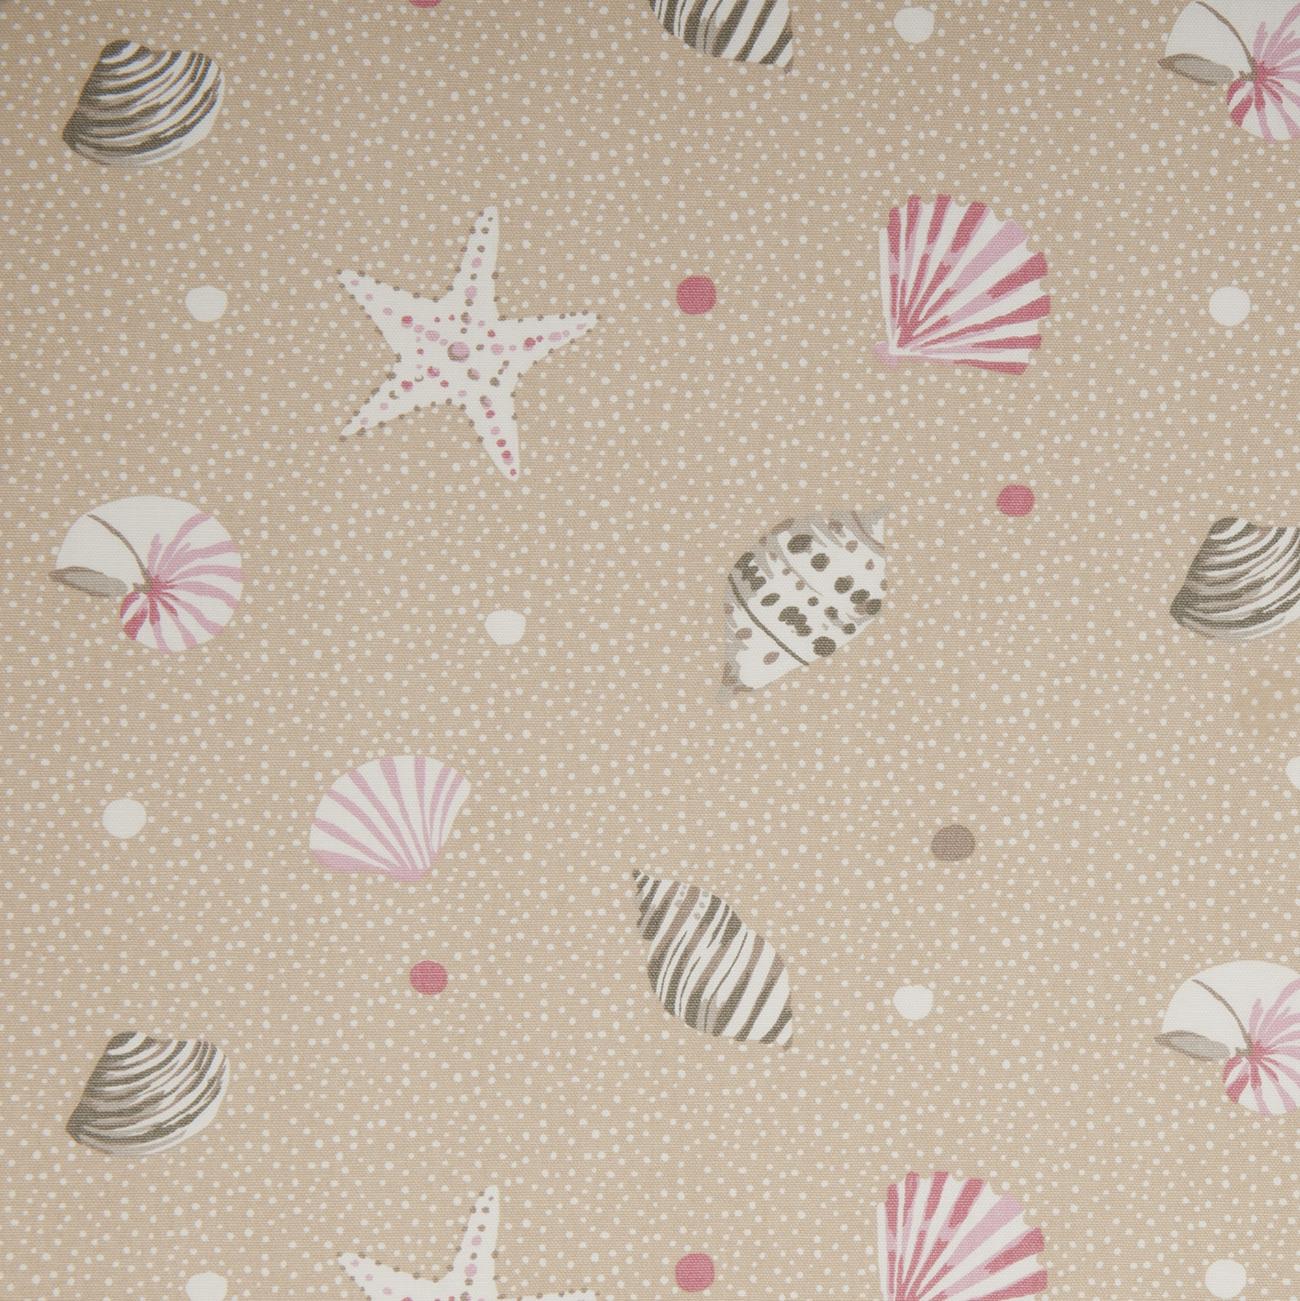 Maritime - Seashells